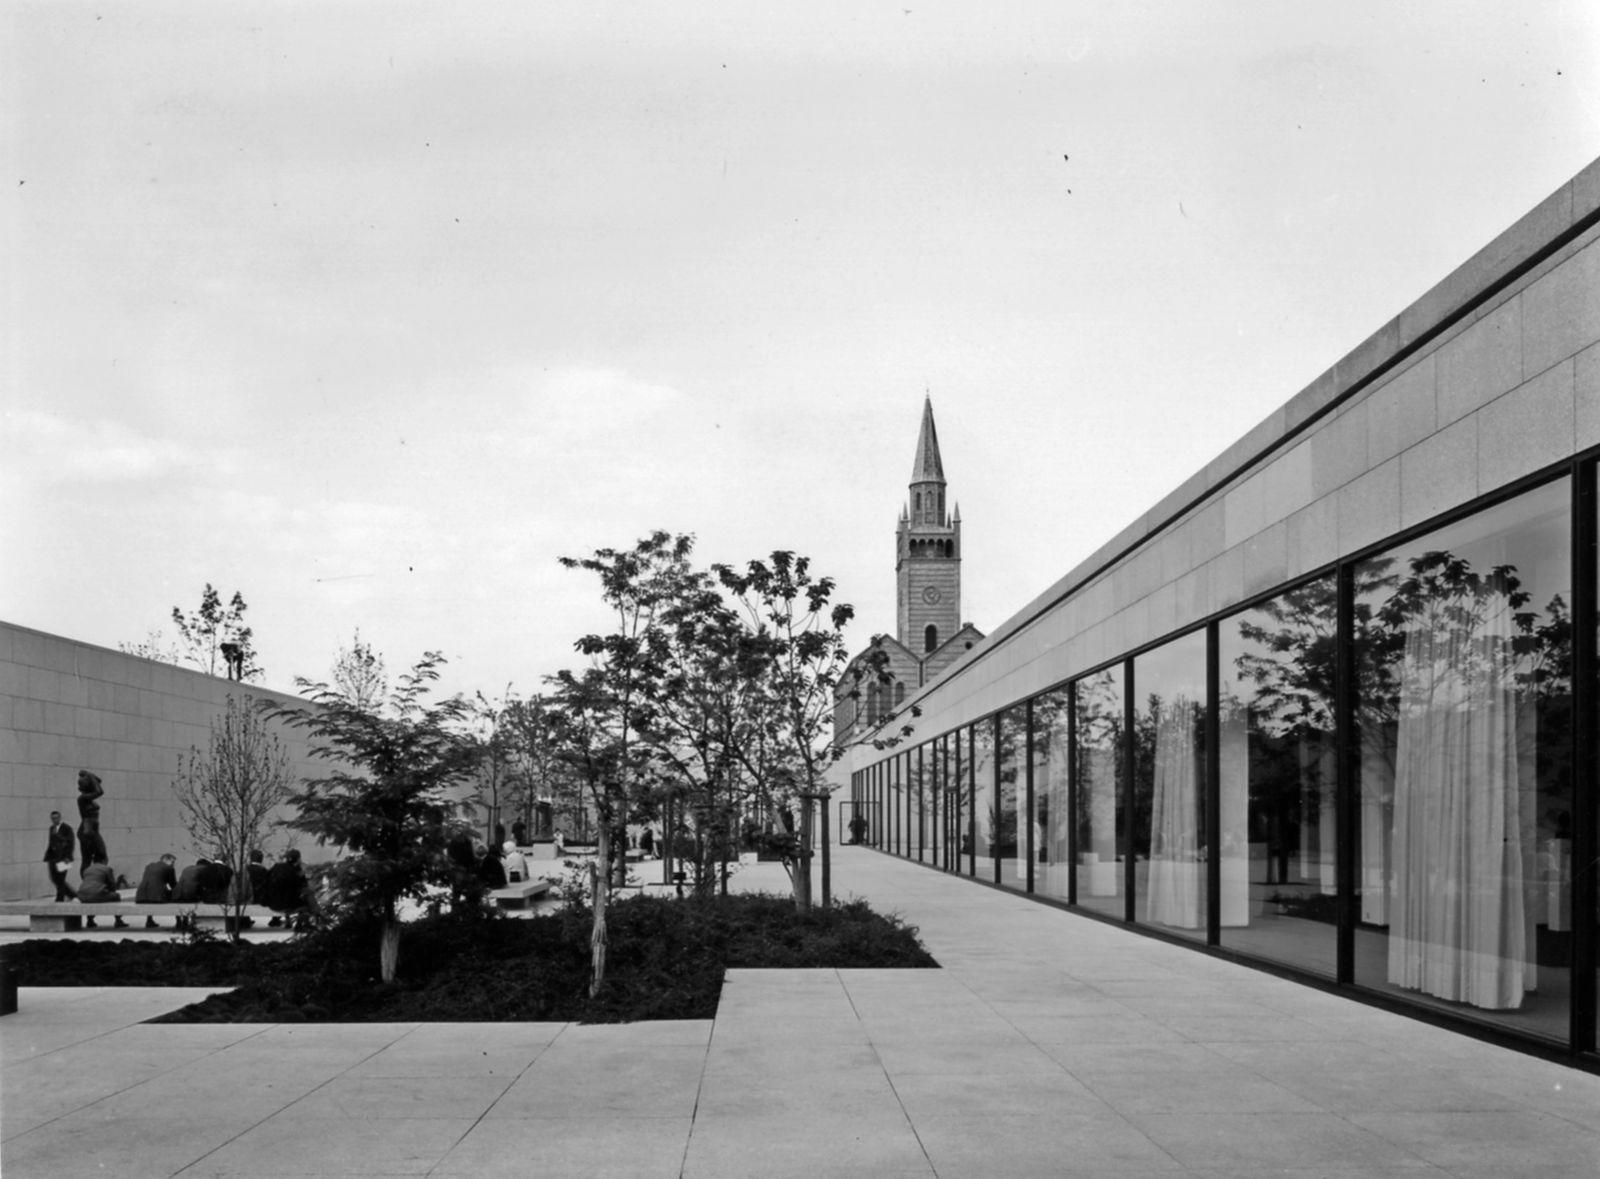 Der Skulpturengarten zur Eröffnung des Museums, Foto: Staatliche Museen zu Berlin, Zentralarchiv, Reinhard Friedrich